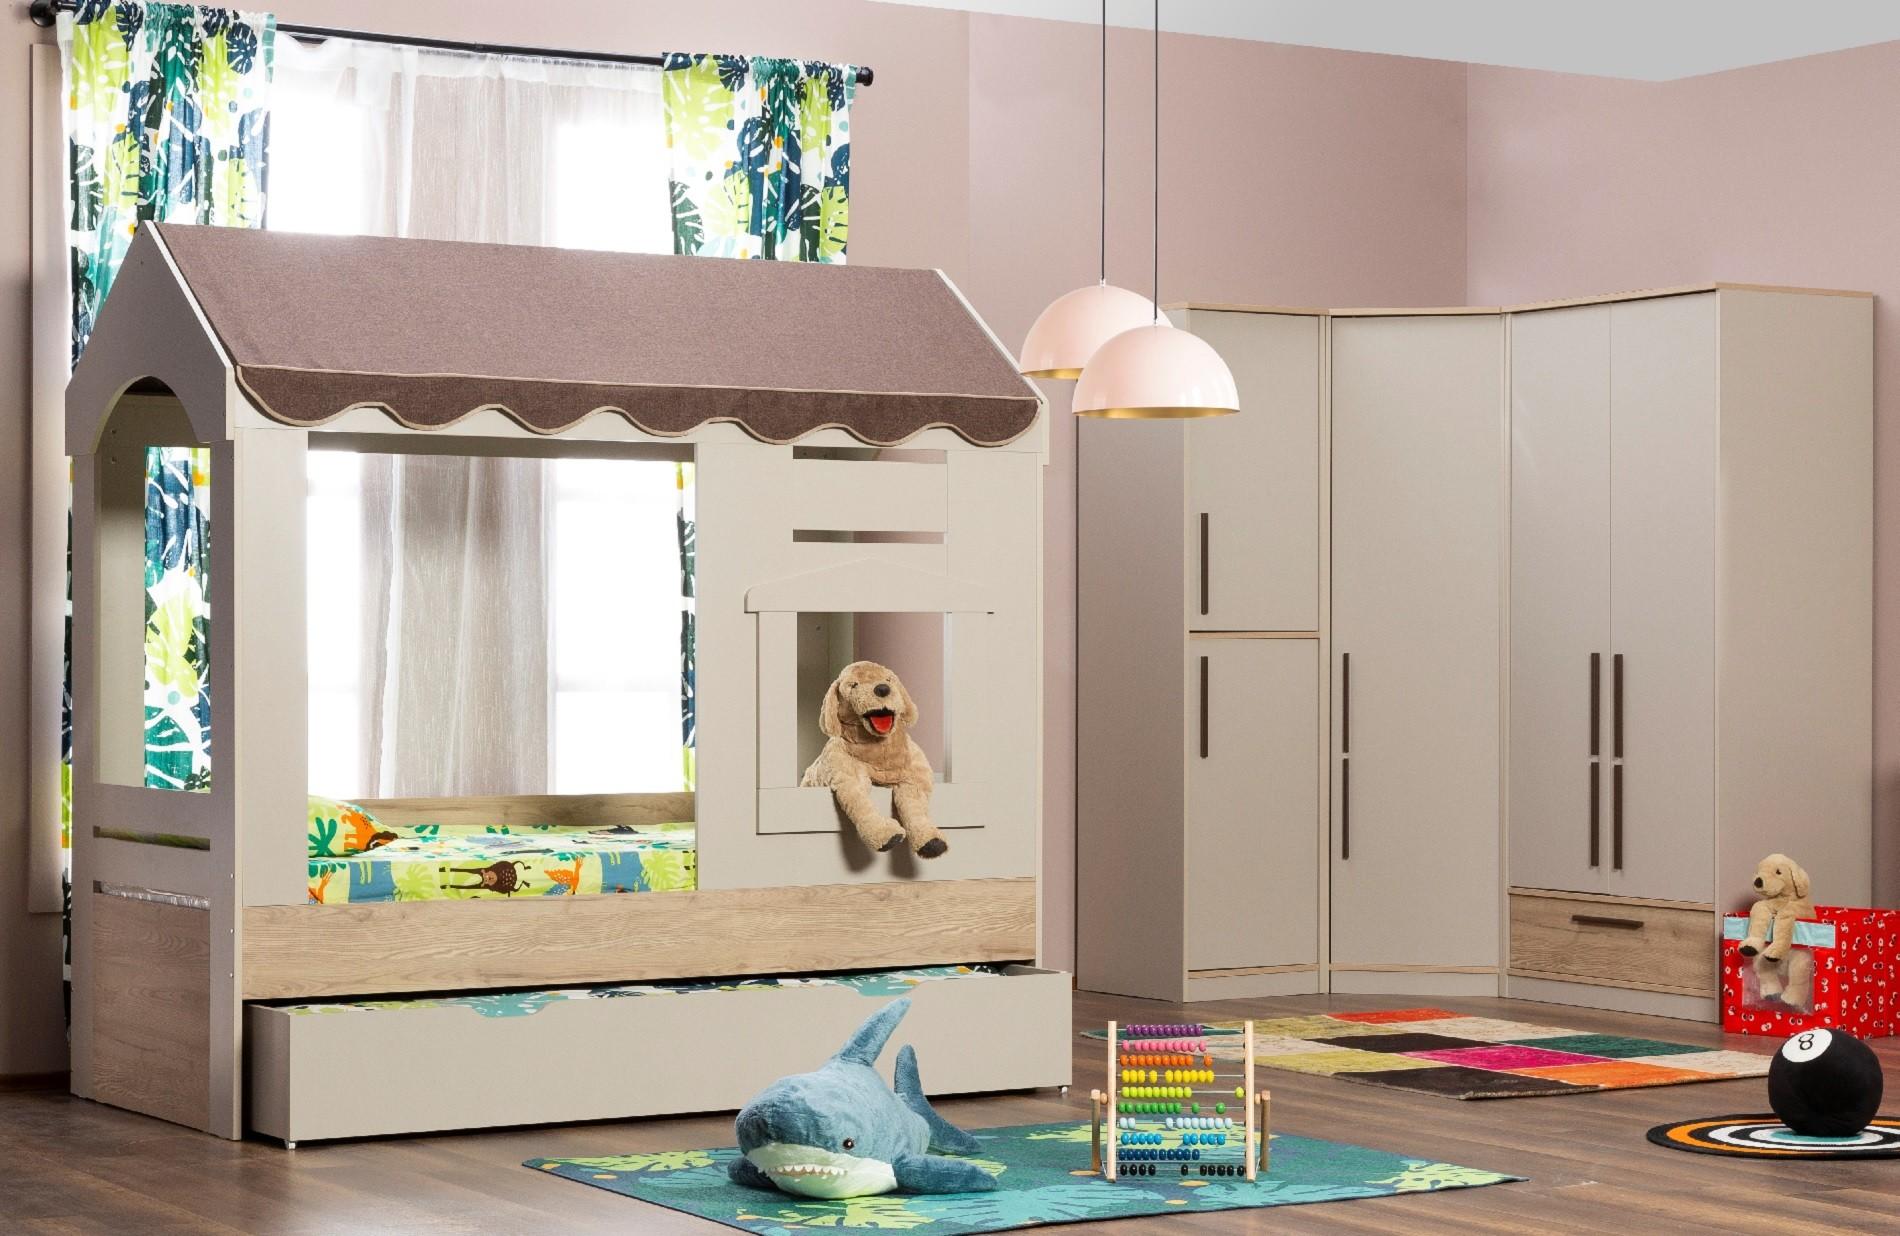 Full Size of Kinderzimmer Orion Hier Kaufen Traum Mbelcom Eckschrank Bad Regale Regal Weiß Schlafzimmer Küche Sofa Wohnzimmer Kinderzimmer Eckschrank